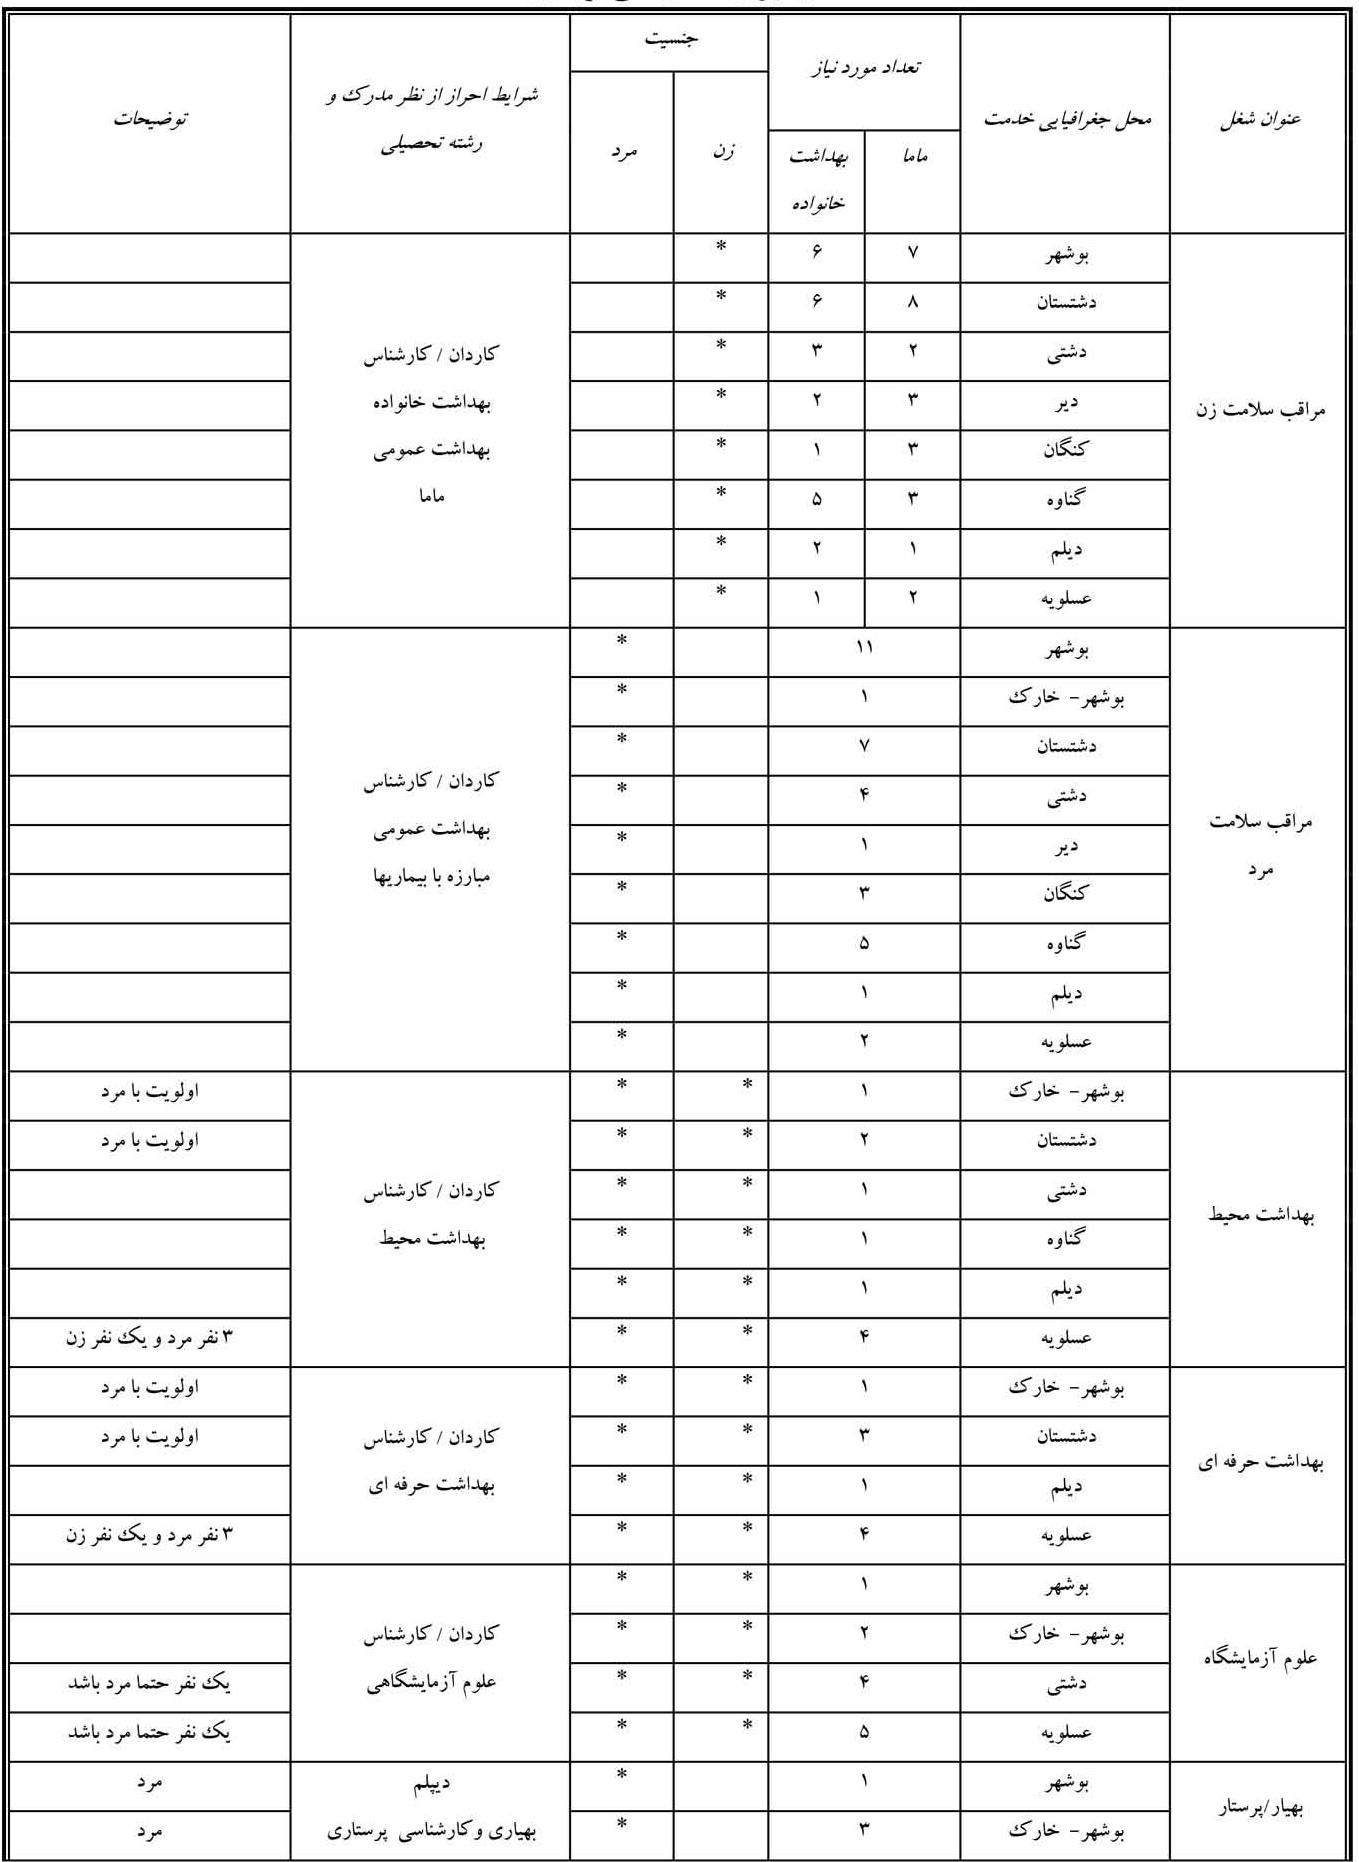 رشته و شغل های مورد نیاز دانشگاه علوم پزشکی بوشهر